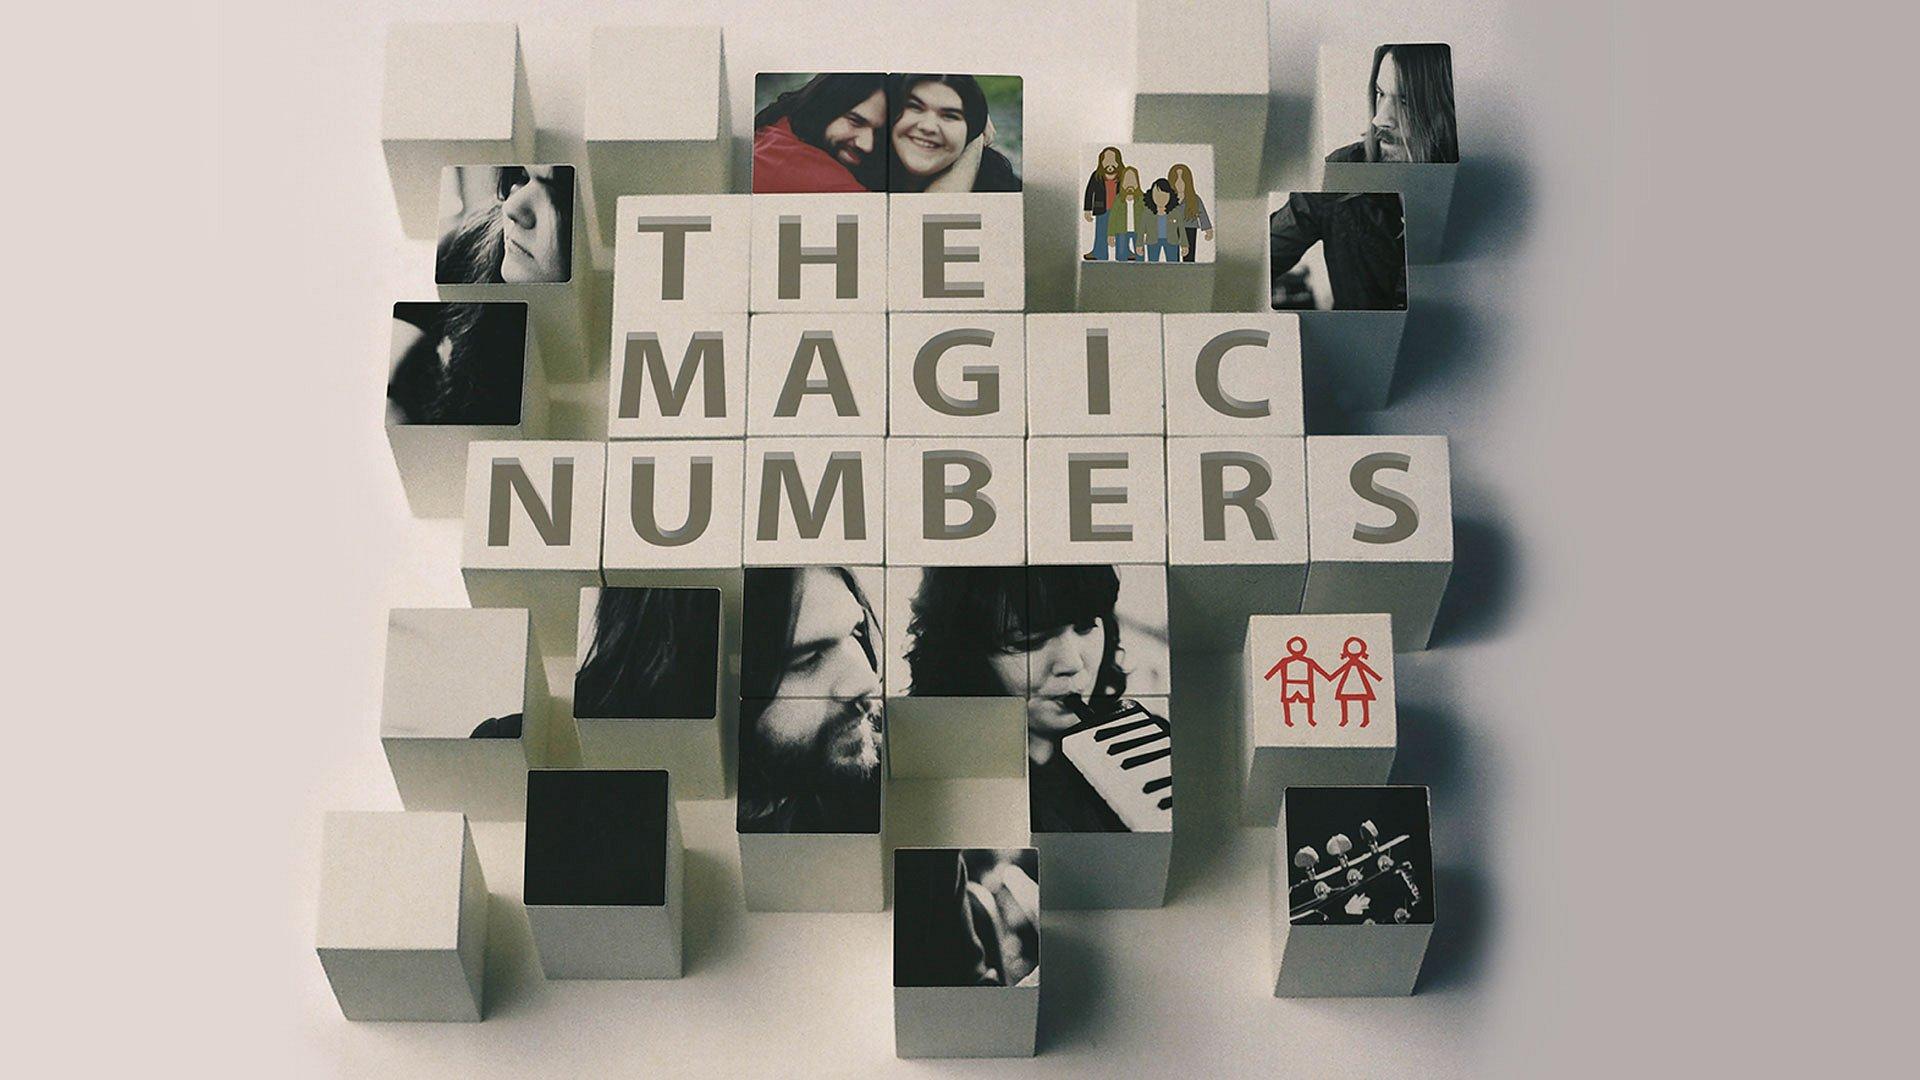 The Magic Numbers celebrarán el 15 Aniversario de su álbum debut en El Plaza Condesa